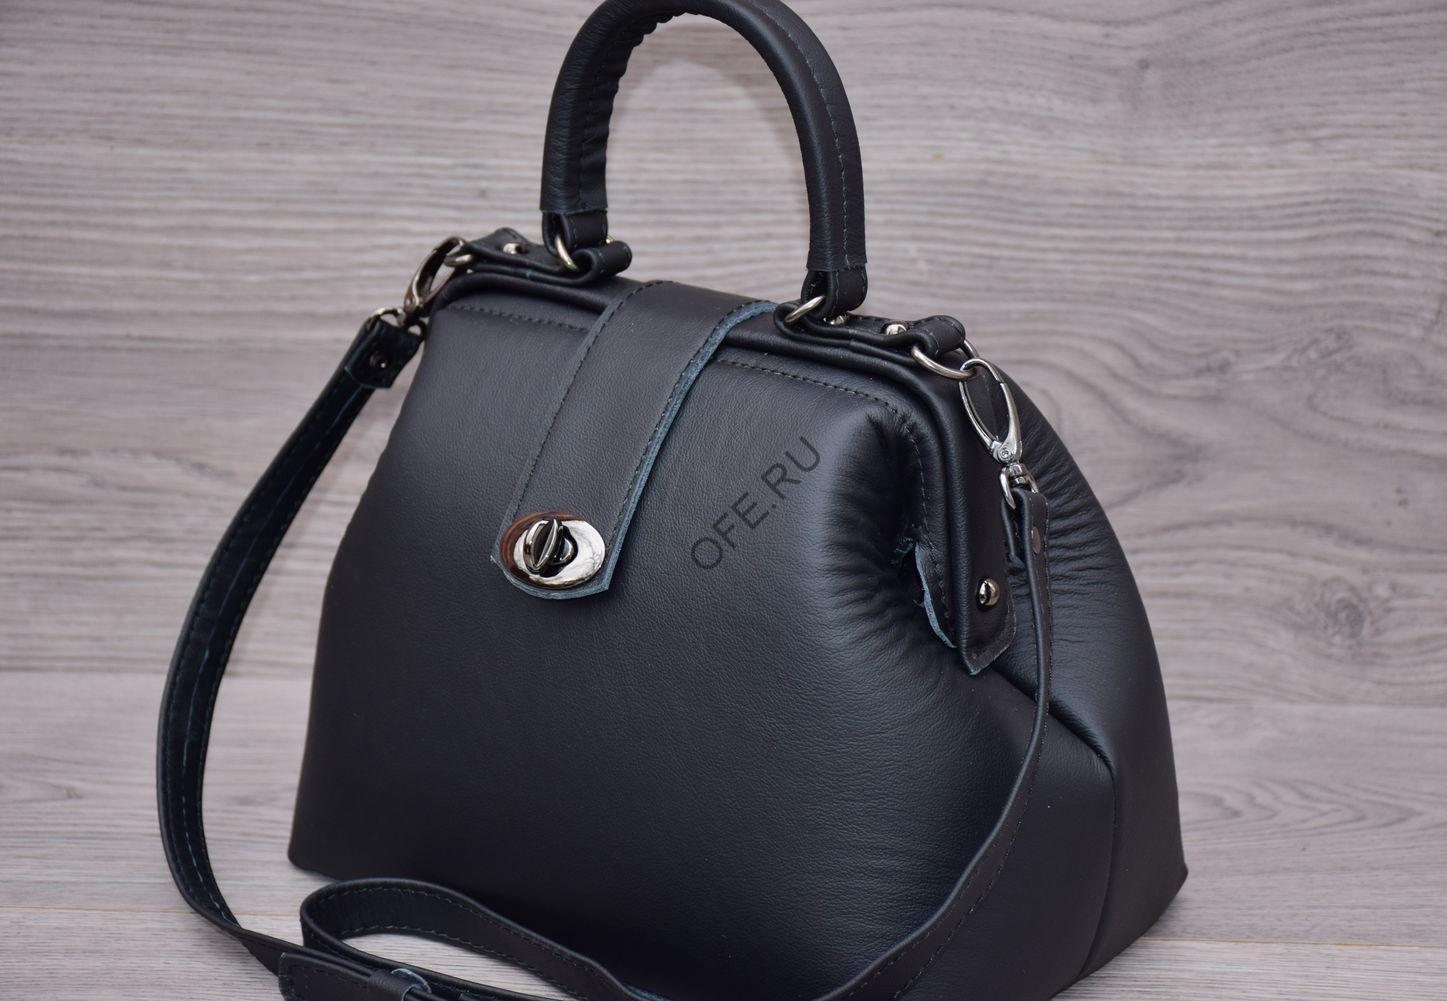 68bac7769c7d Осенний сезон: какую сумочку выбрать Осенний сезон: какую сумочку выбрать.  Напоследок хочется отметить вниманием модные женские сумки ...